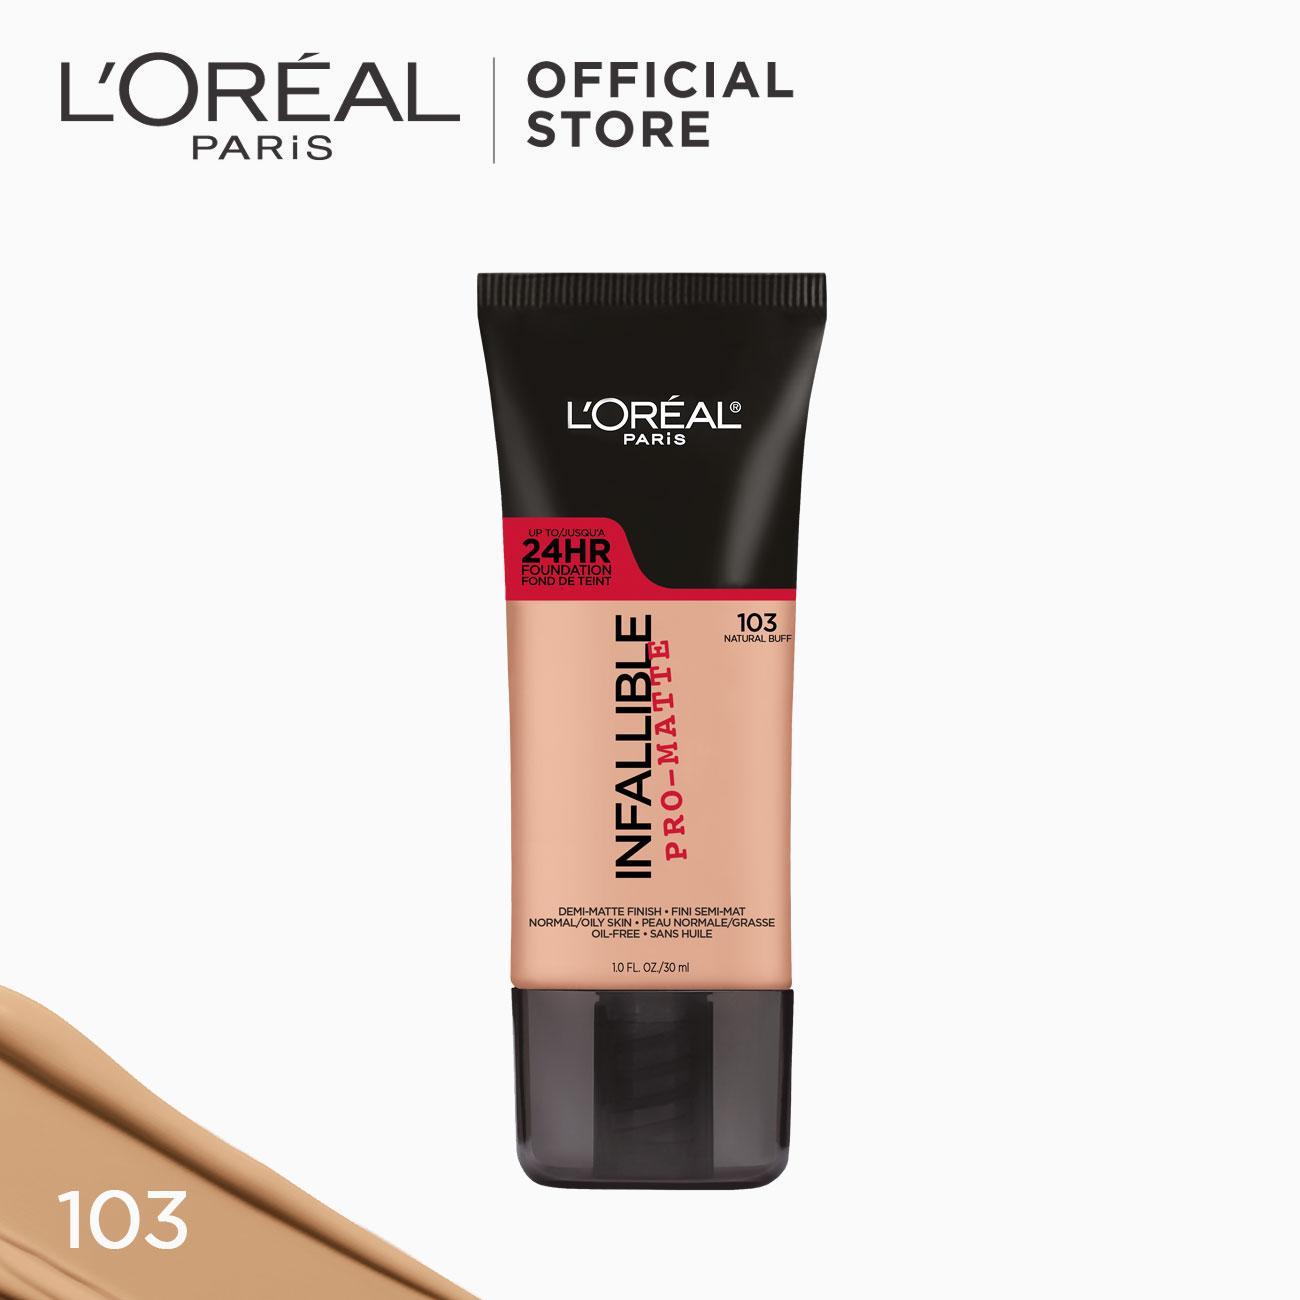 Infallible Pro-Matte Liquid Foundation - 103 Natural Buff [#NeverFail 24HR Longwear] by LOréal Paris Philippines